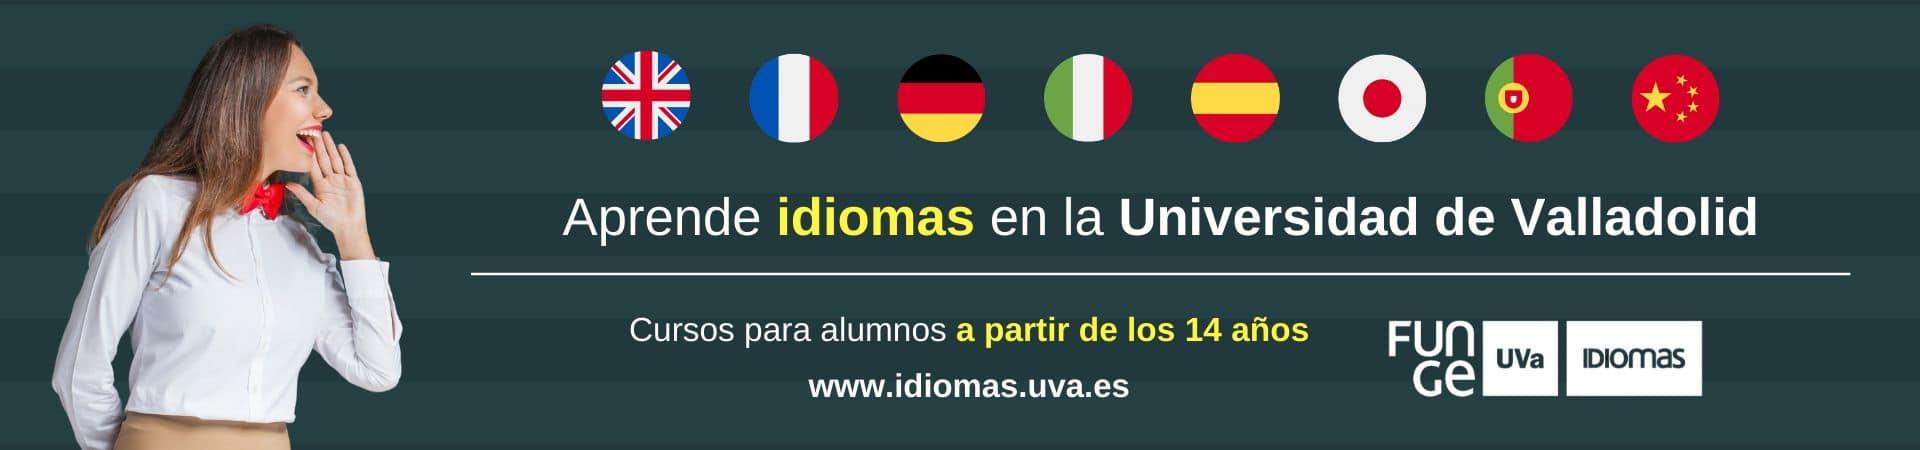 Oferta formativa Centro Idiomas UVa - banner web